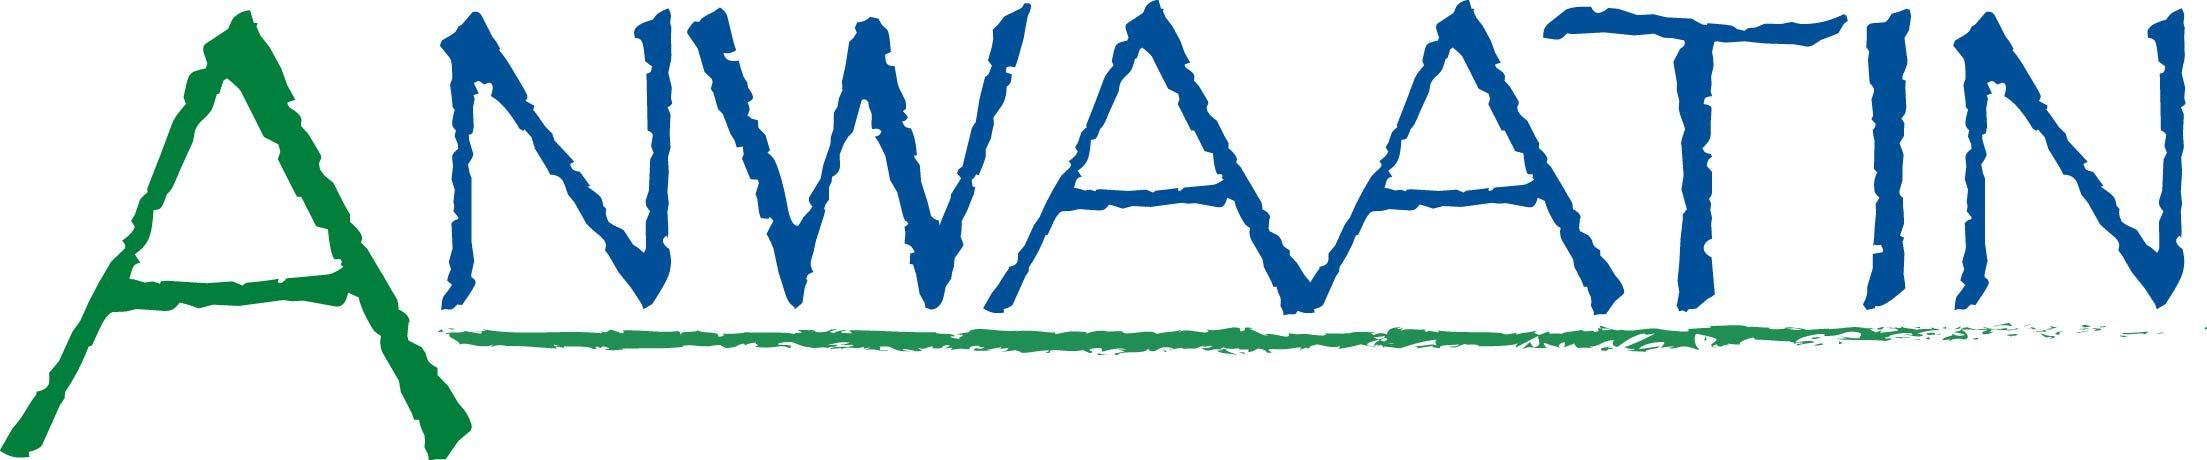 Anwaatin_Logo_Outlines.jpg